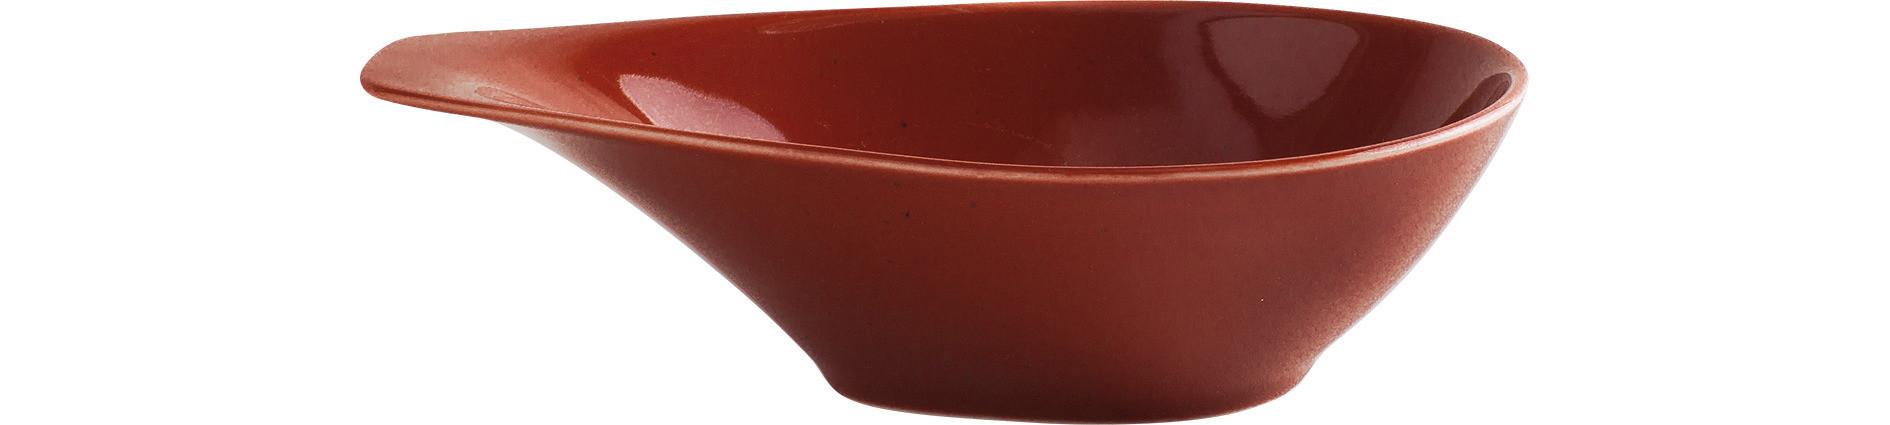 Homestyle, Schale mit Griff 210 x 144 mm / 0,40 l siena red